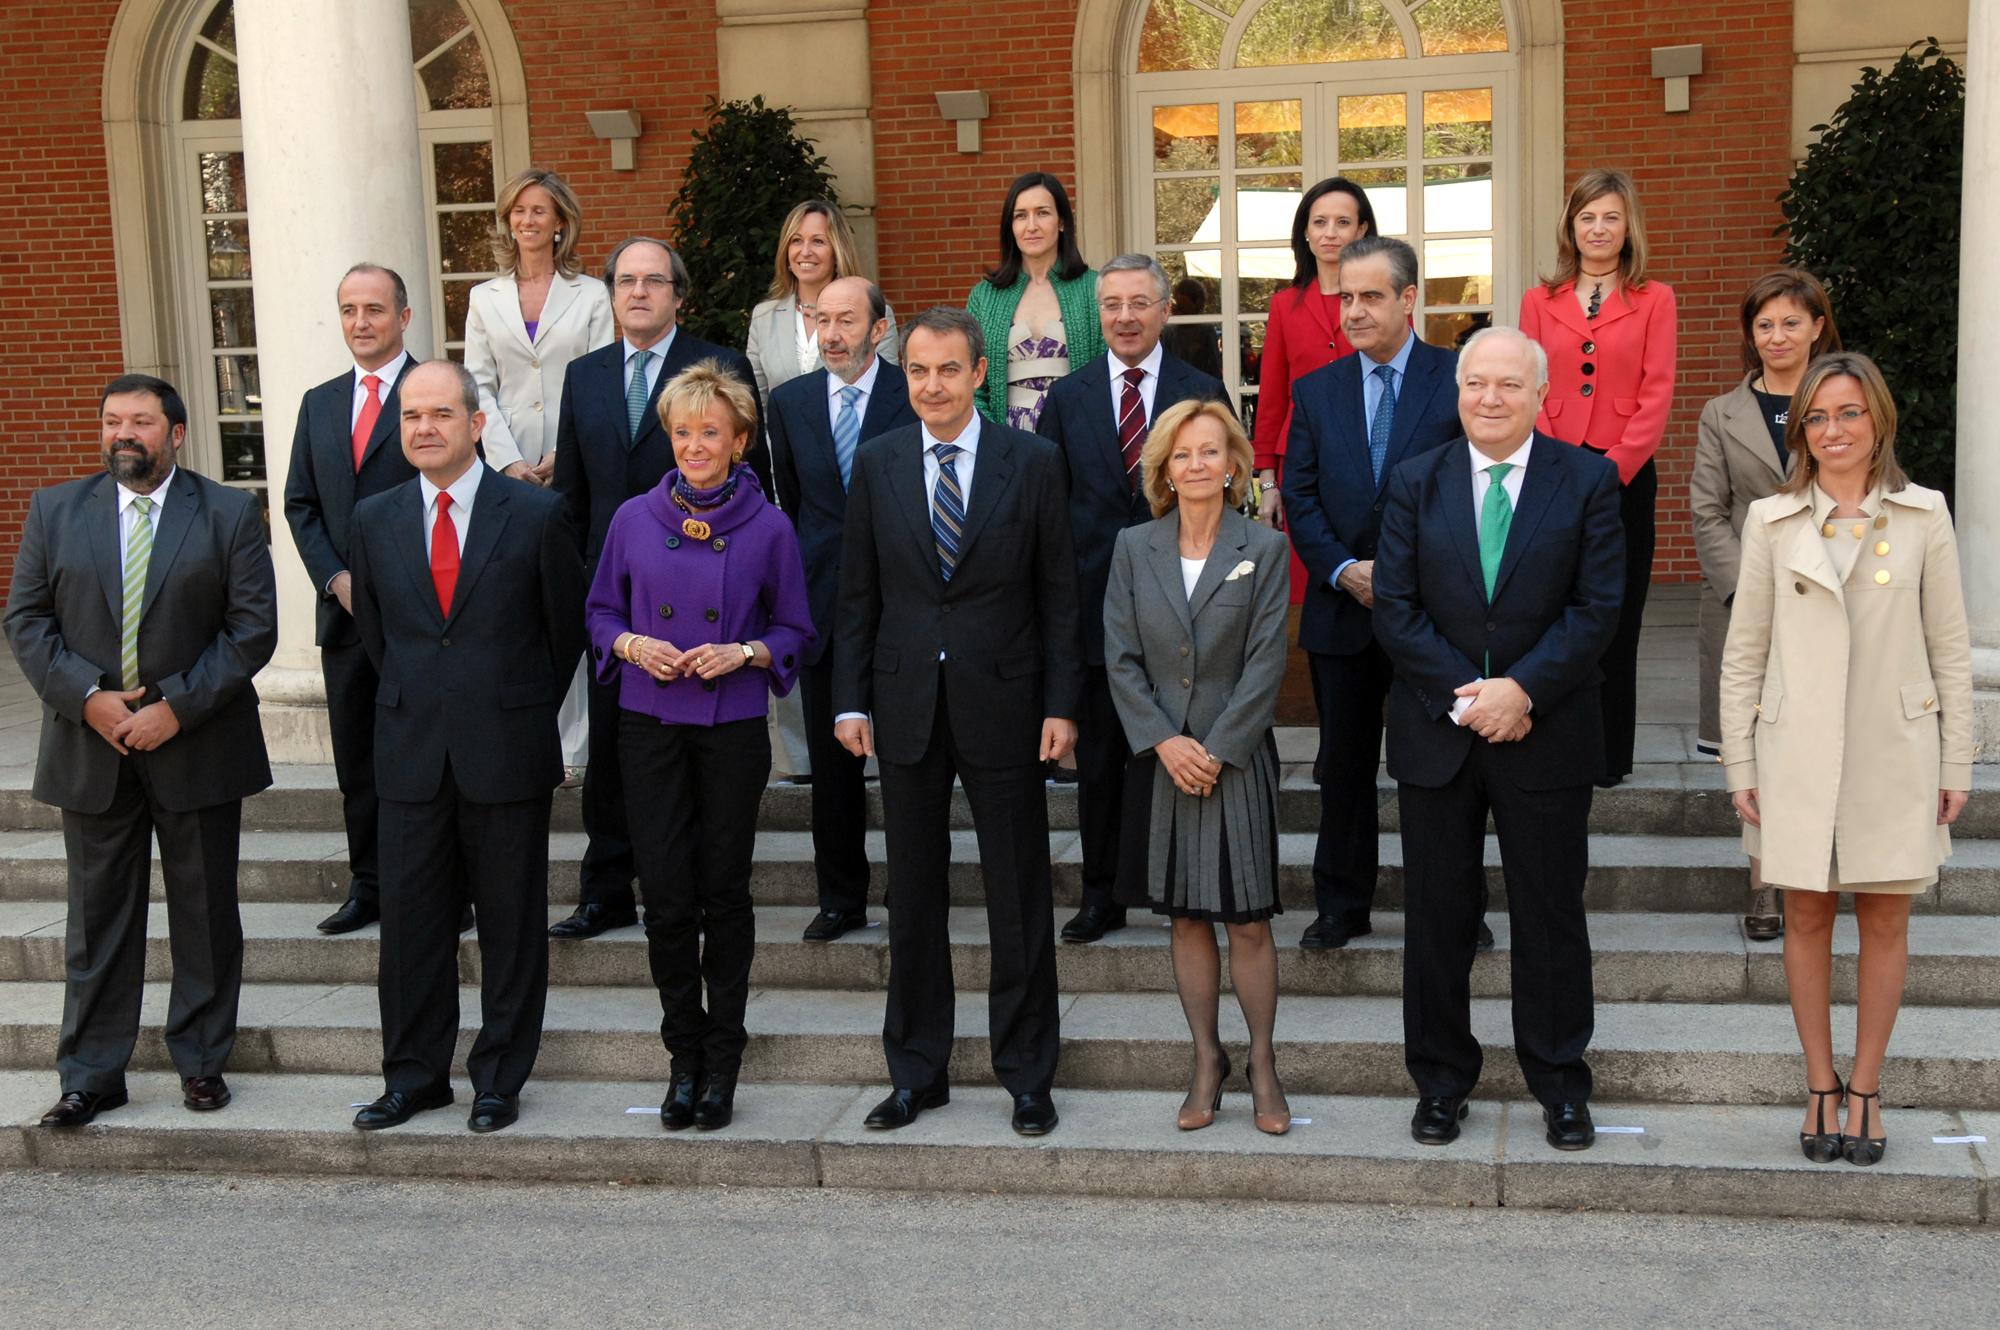 Nuevo gobierno en espa a juan sainz de los terreros for Foto del ministro del interior